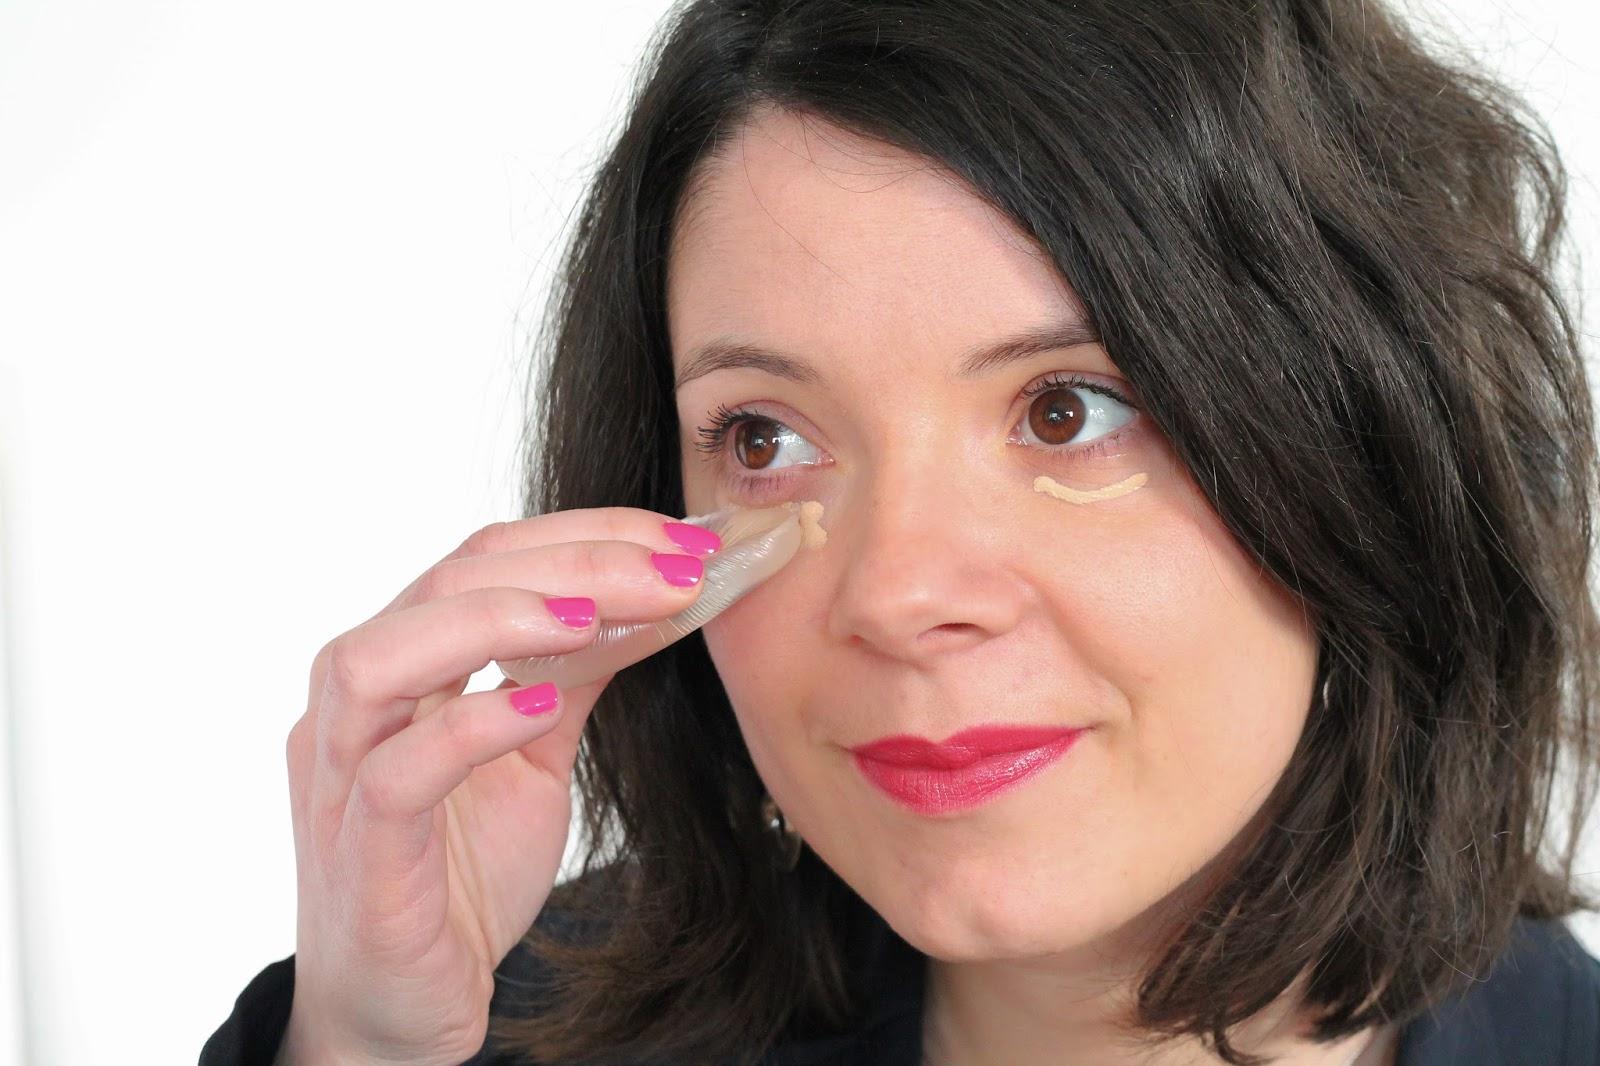 les gommettes de melo secret beauté astuces coulisses dessous du make up maquillage silidrop éponge silicone anti cerne fond de teint pinceau